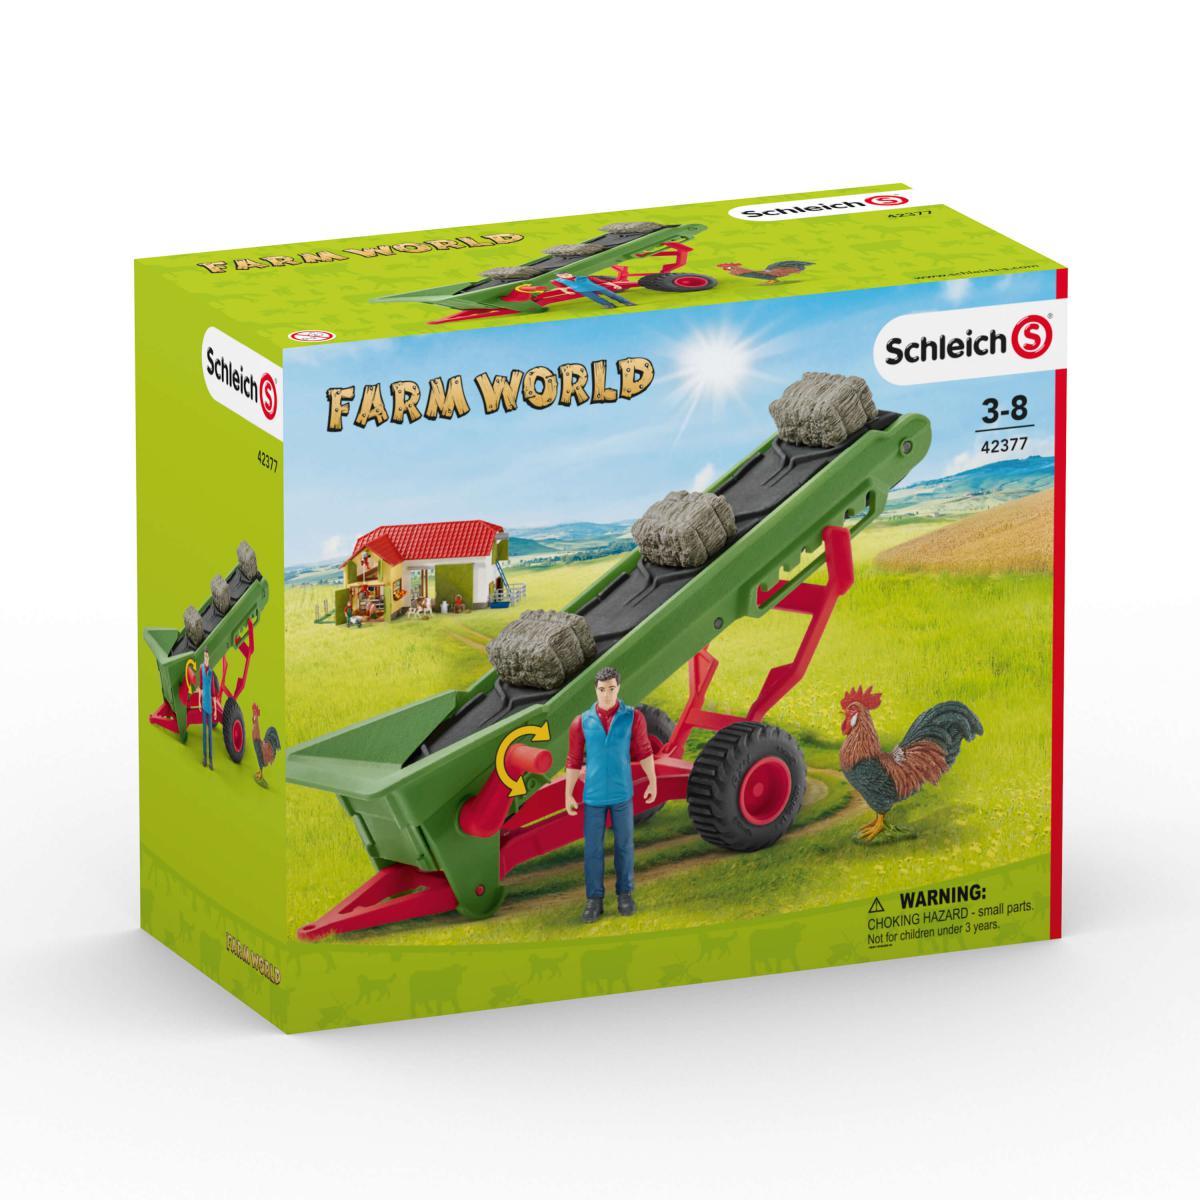 Kleinkindspielzeug Spielset Heuförderband mit BauerSchleich 42377Bauernhof Spielzeug ab 3 J.